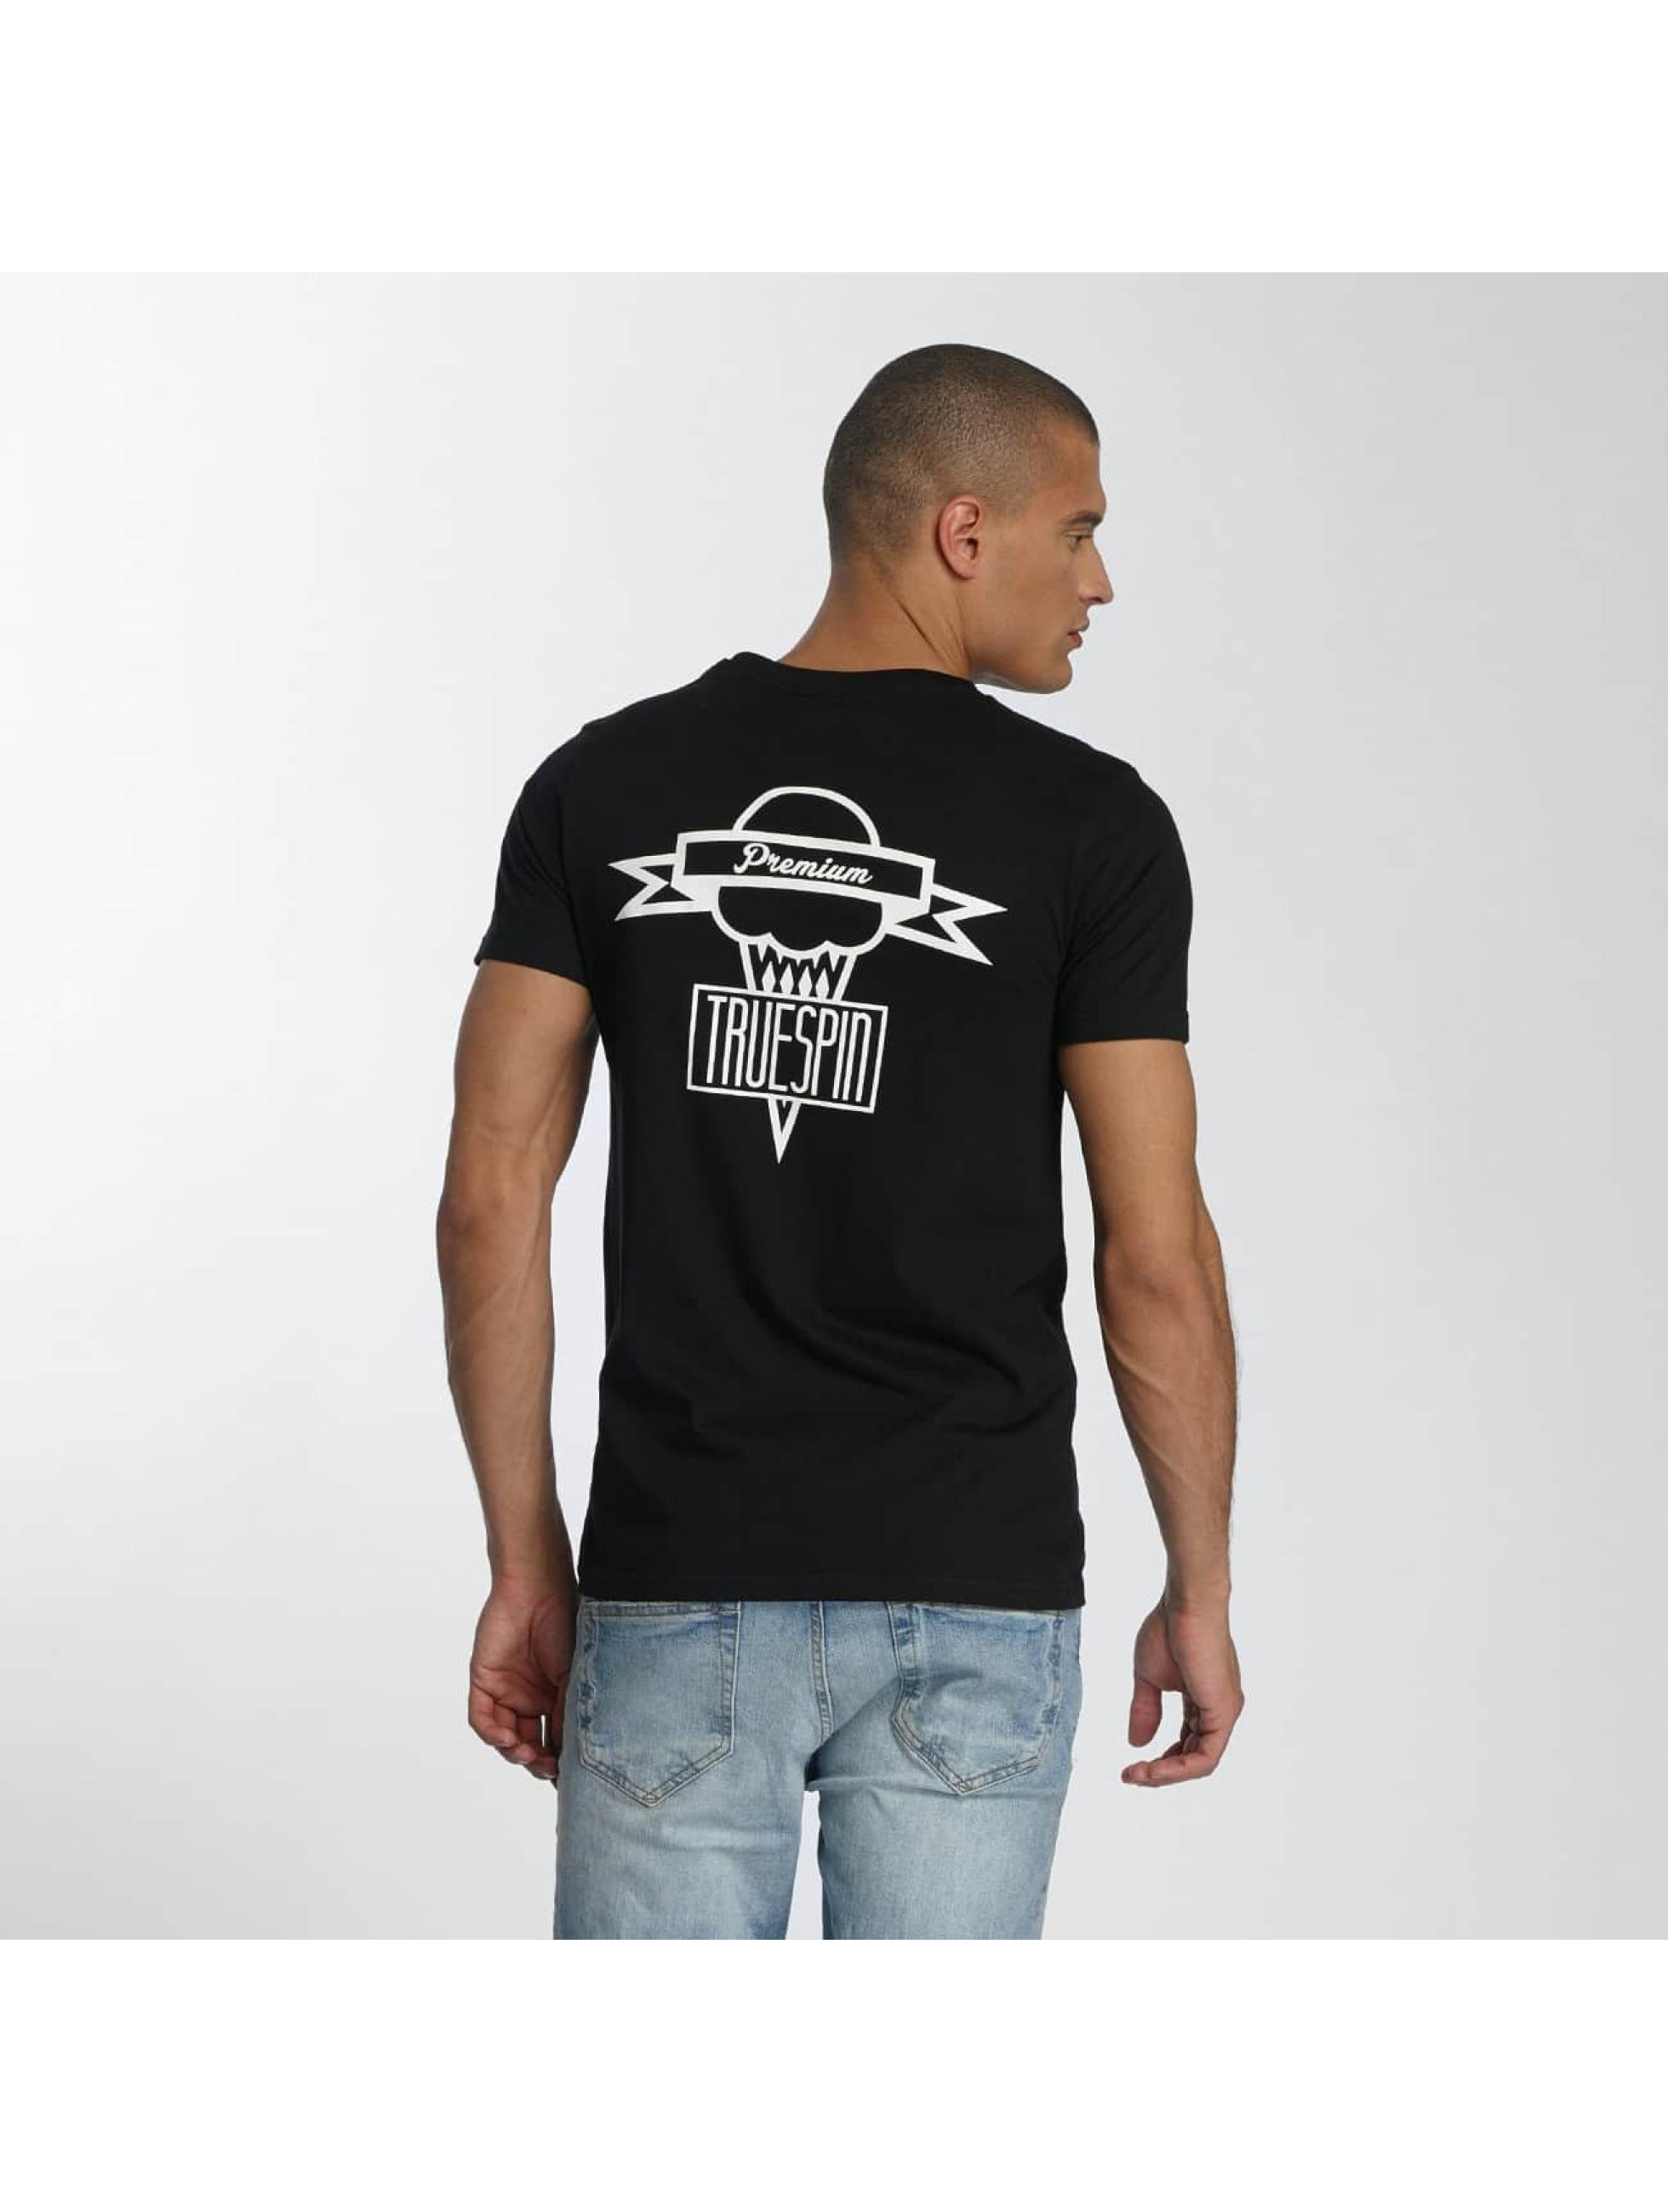 TrueSpin T-shirt 4 nero